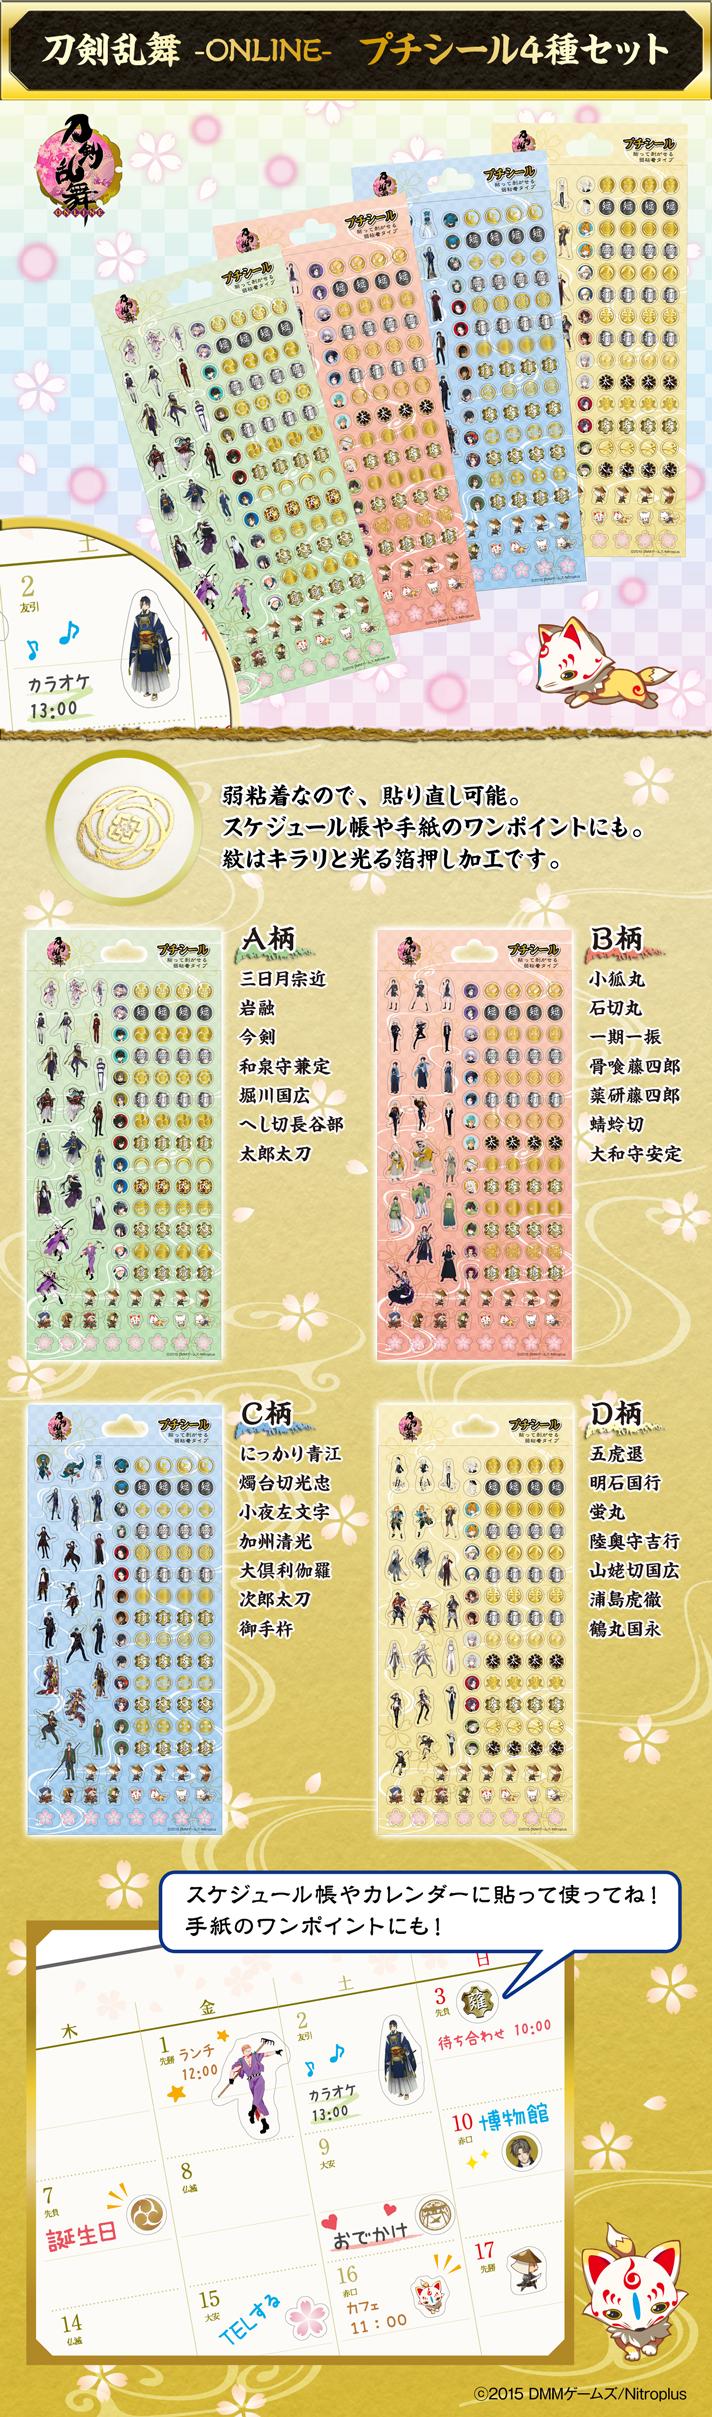 刀剣乱舞-ONLINE- プチシール4種セット【2次:2016年3月発送】